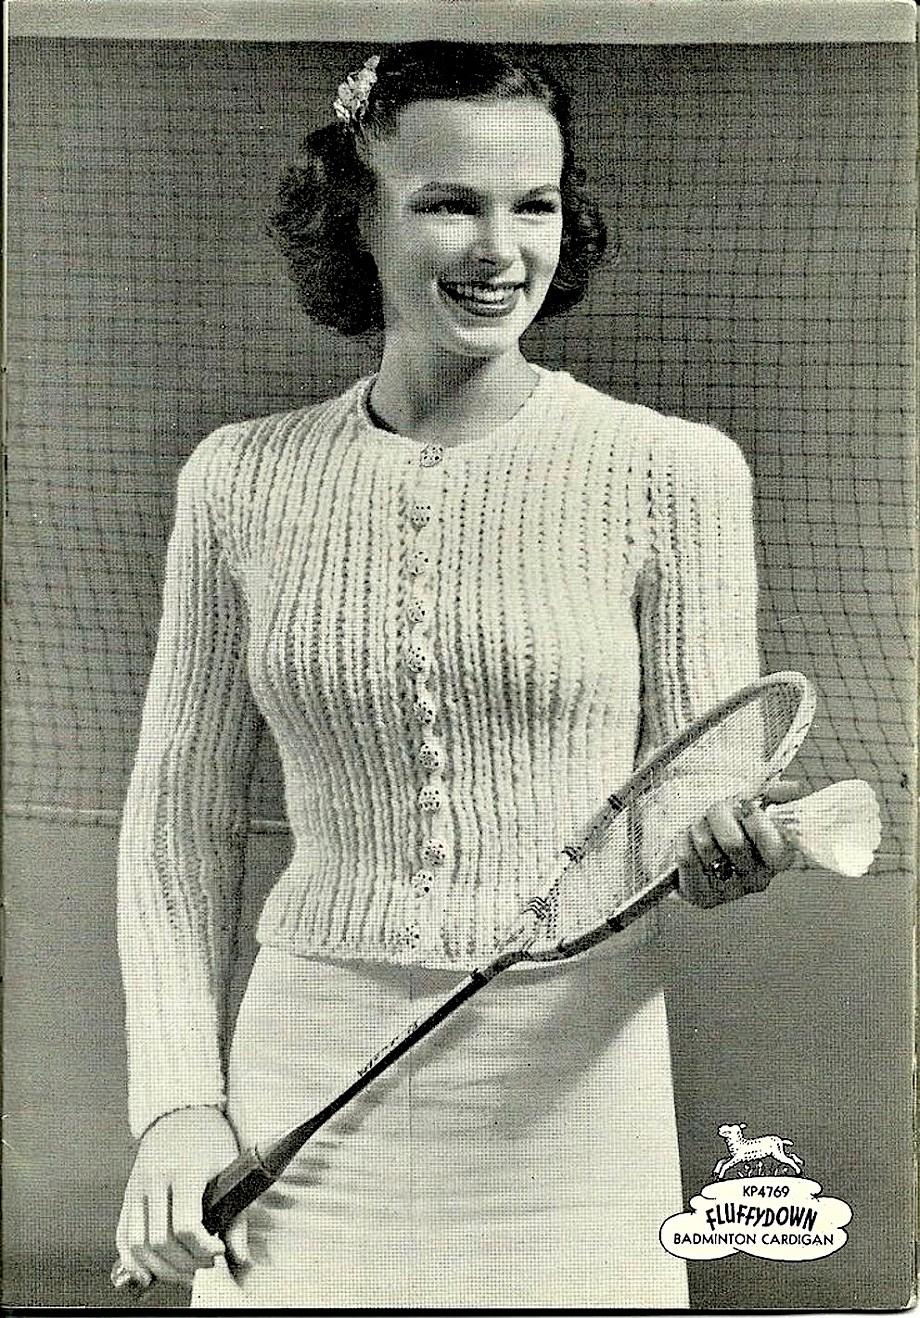 Set da badminton Uno sport inglese e come nel loro stile da indossare un abbigliamento adeguato...... sempre.